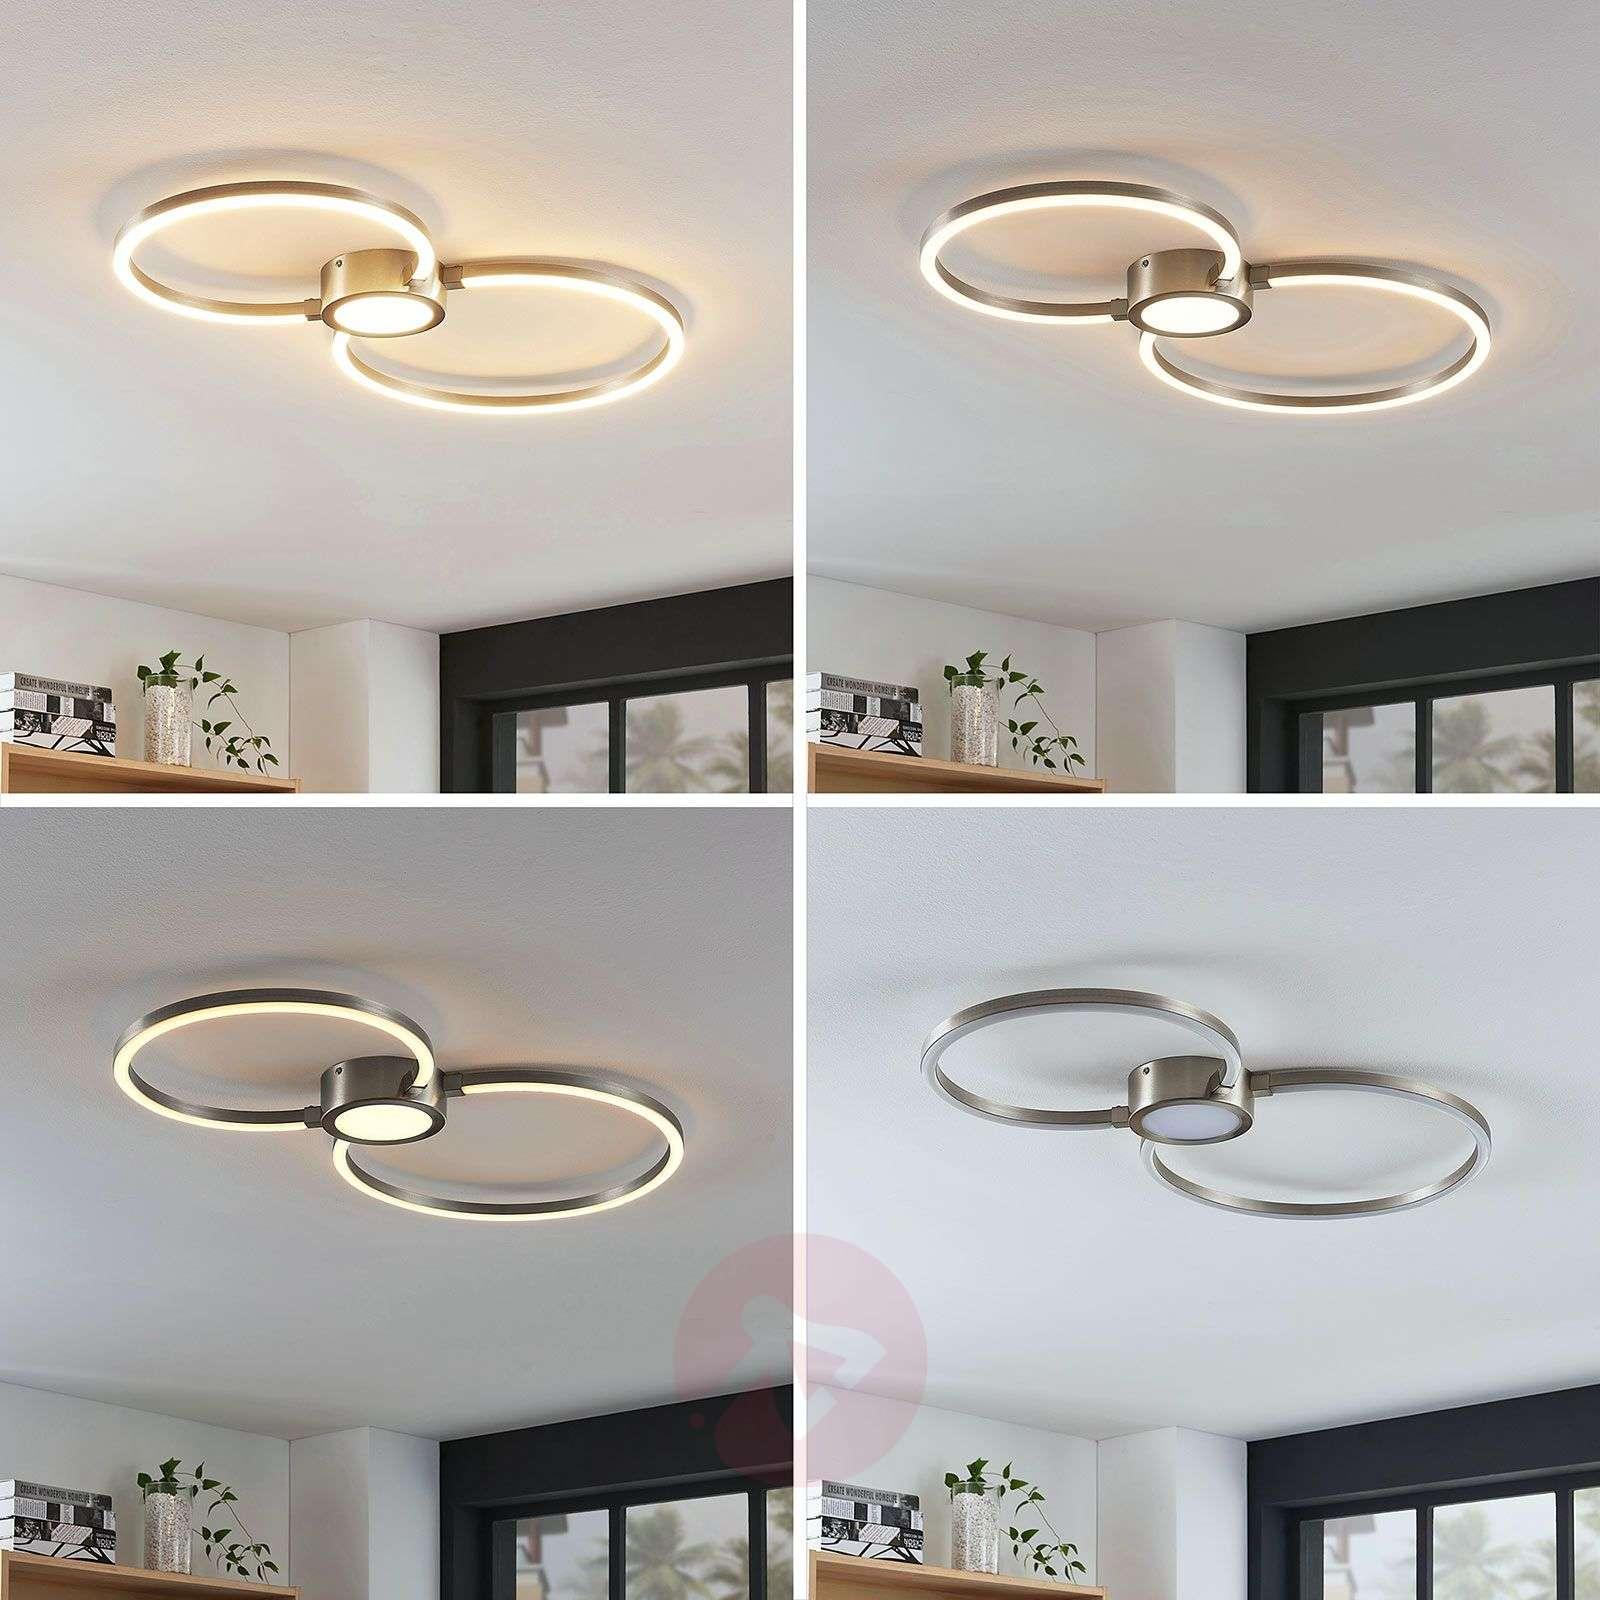 LED-kattovalaisin Duetto, rengas-8032128-02